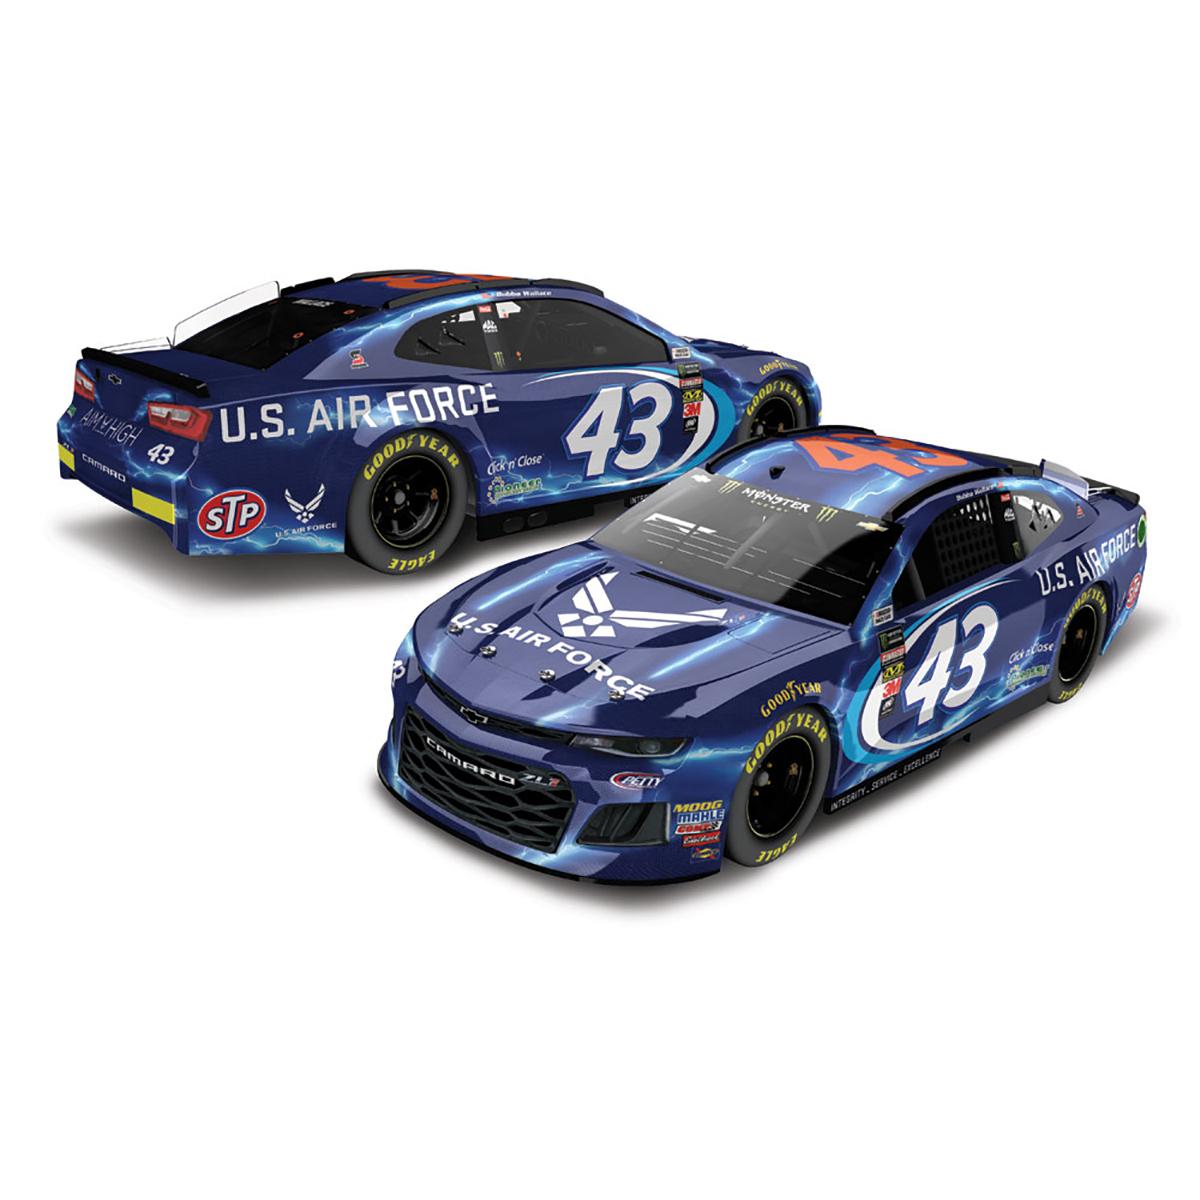 Bubba Wallace 2018 NASCAR #43 1:24 Elite Air Force Camaro